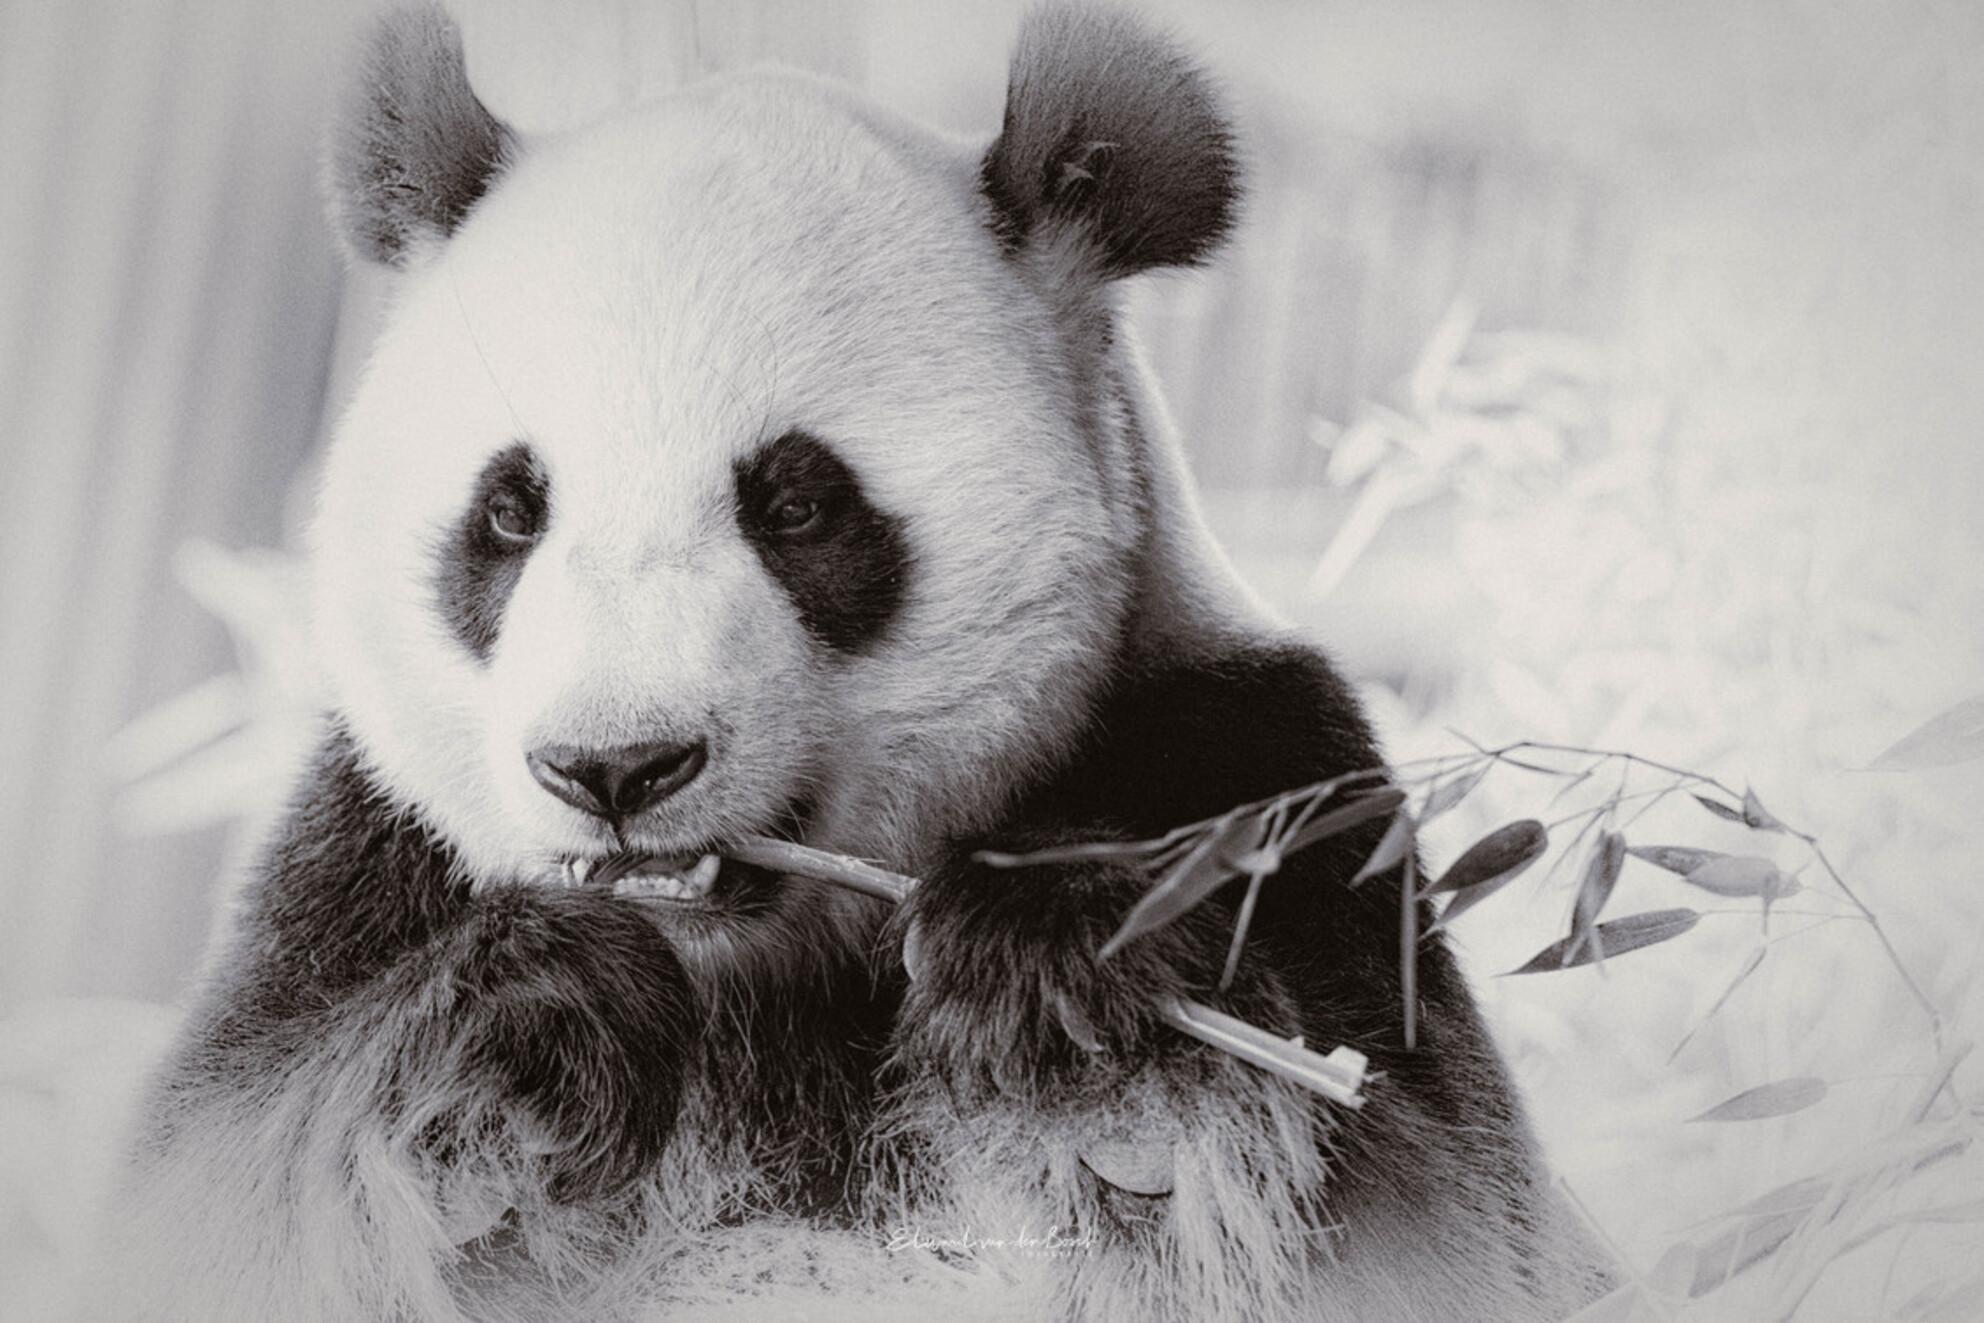 Pandamic 2021 - Panda - Dierentuin Rhenen - foto door B-DFoto op 18-02-2021 - deze foto bevat: dierentuin, dieren, wildlife, rhenen, panda - Deze foto mag gebruikt worden in een Zoom.nl publicatie